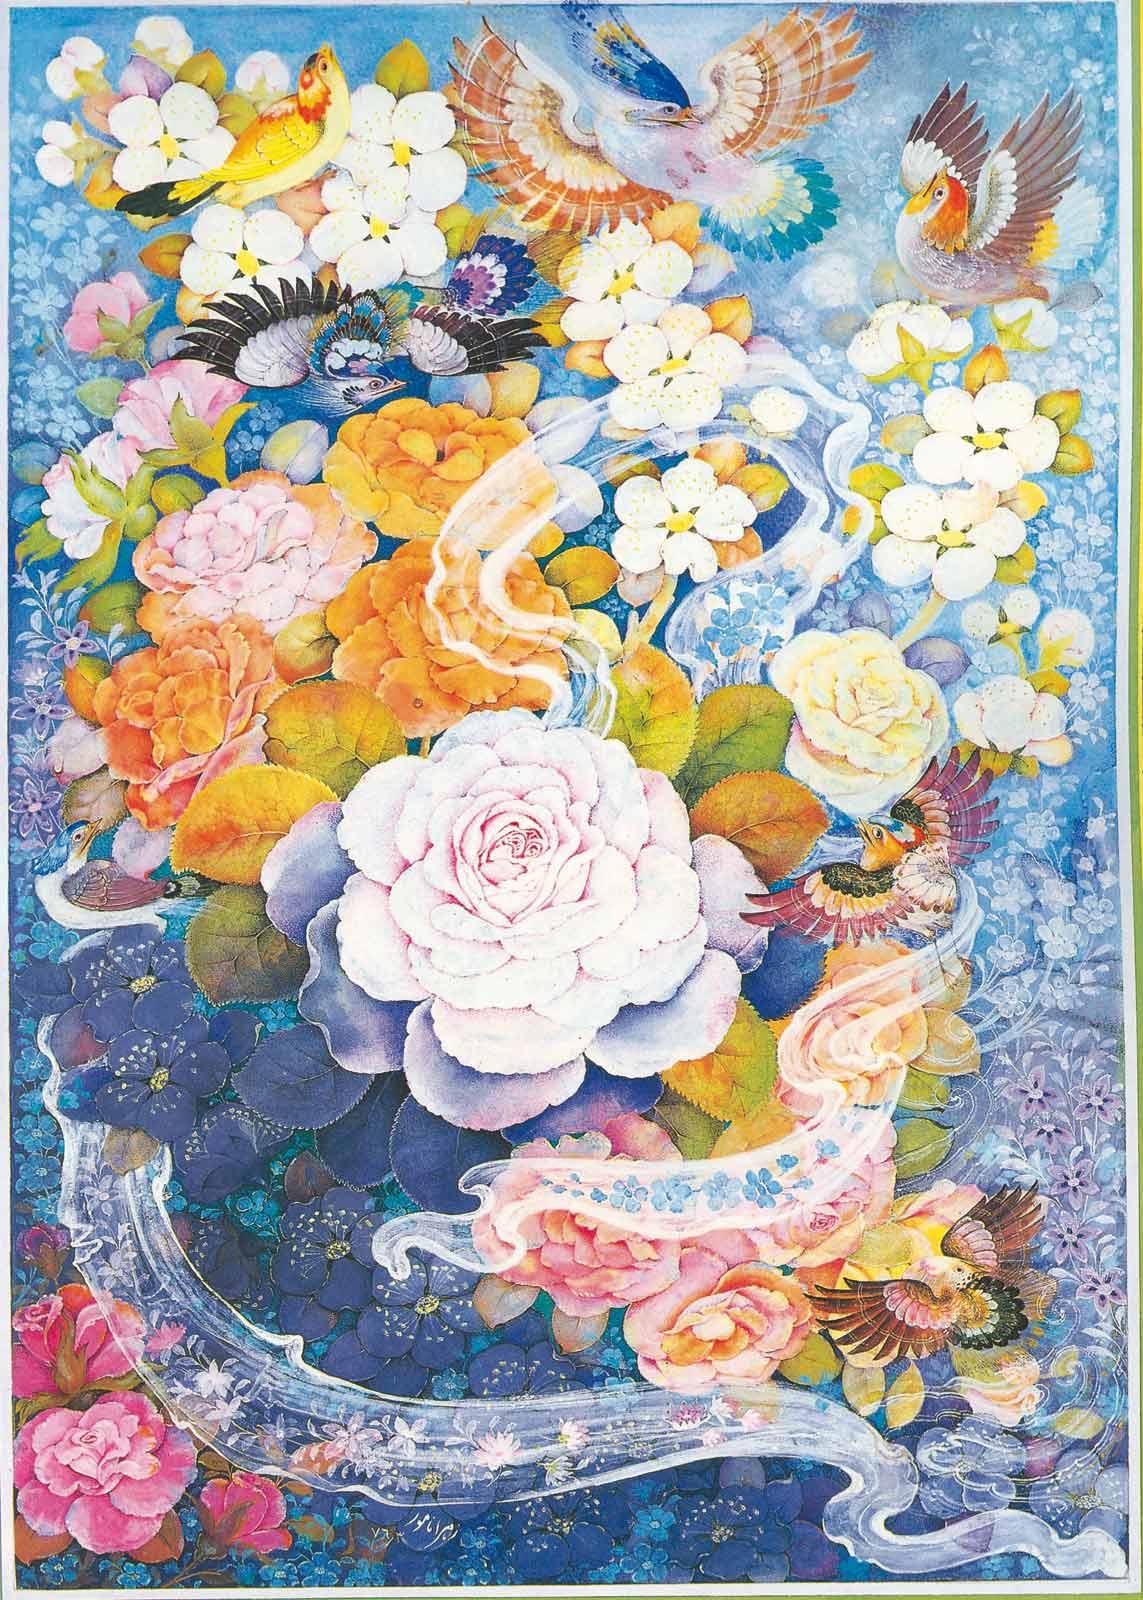 Irani, Iranian miniatures, Iranian painting, Iranian drawings,